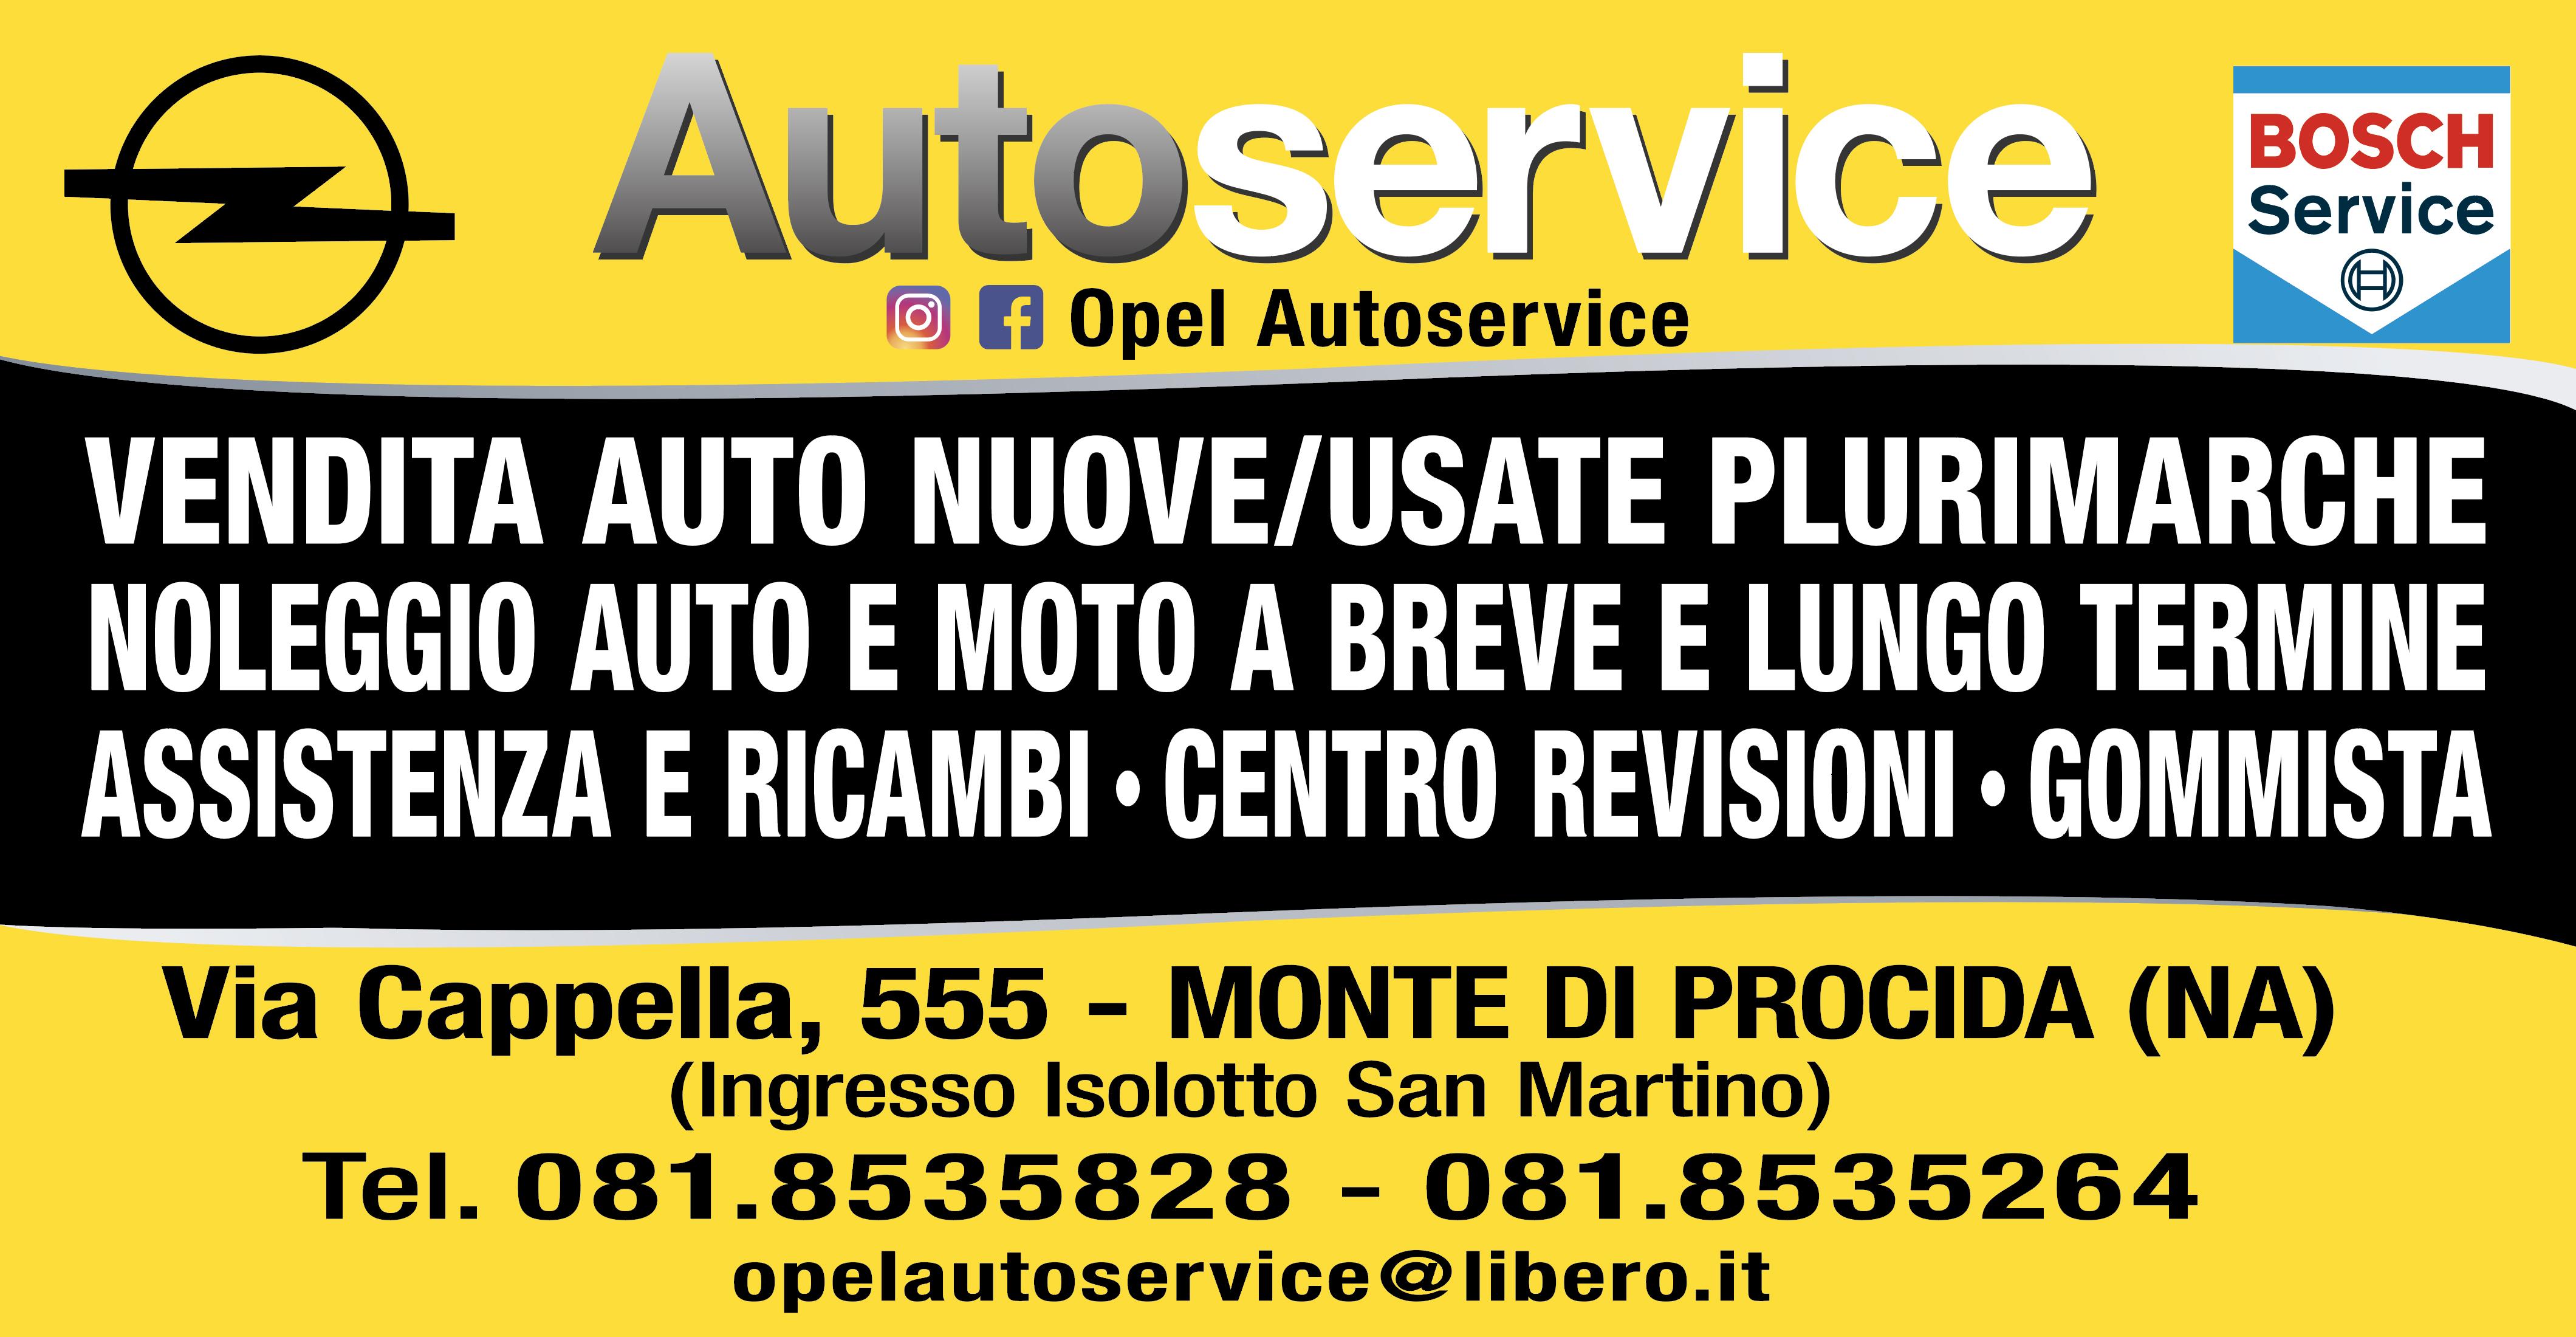 Autoservice : I nostri servizi…TUTTO PER LA TUA AUTO!